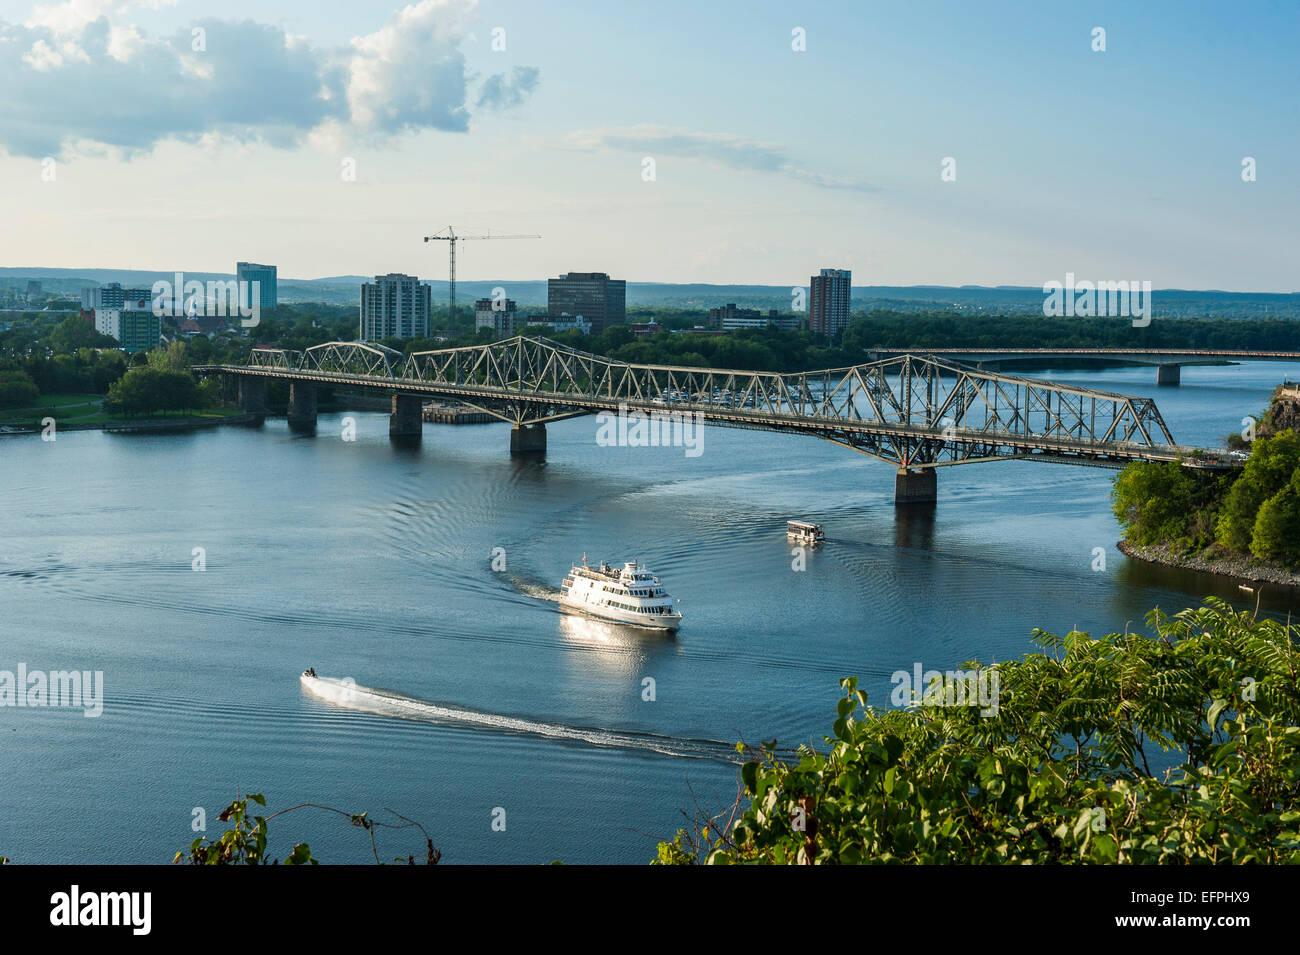 Blick über den Ottawa River und der Alexander-Brücke, Ottawa, Ontario, Kanada, Nordamerika Stockbild